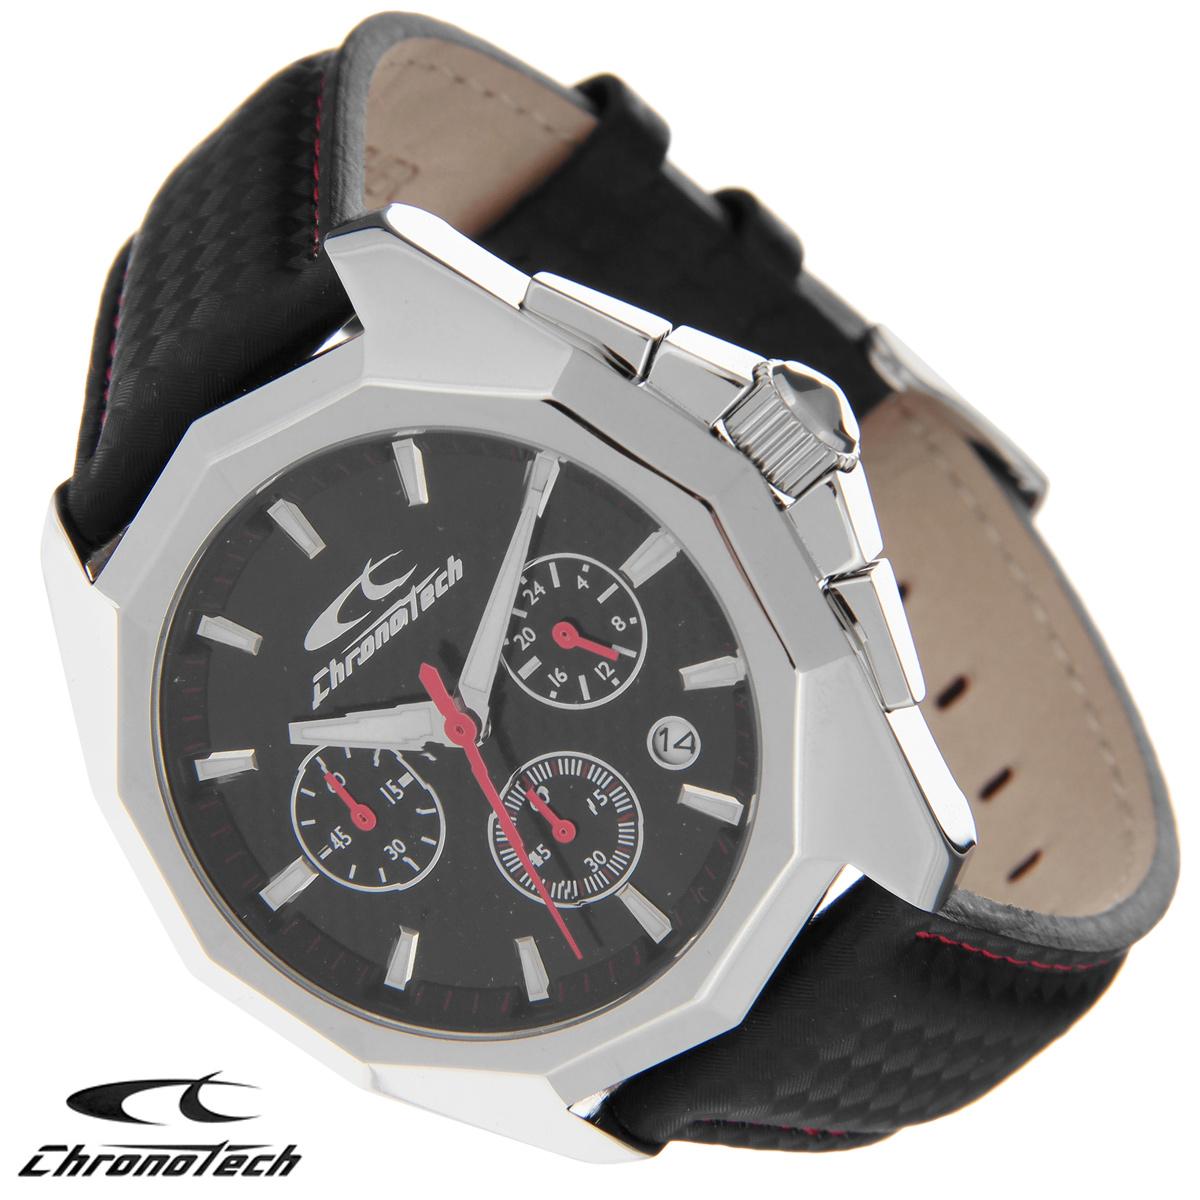 Часы мужские наручные Chronotech, цвет: черный, красный. RW0105RW0105Часы Chronotech - это часы для современных и стильных людей, которые стремятся выделиться из толпы и подчеркнуть свою индивидуальность. Корпус часов выполнен из нержавеющей стали. Циферблат оформлен отметками и защищен минеральным стеклом. Часы имеют три стрелки - часовую, минутную и секундную. Стрелки и отметки светятся в темноте. Часы оснащены функцией хронографа и имеют индикатор даты. Ремешок часов выполнен из натуральной кожи с тиснением и застегивается на классическую застежку. Часы упакованы в фирменную коробку с логотипом компании Chronotech. Такой аксессуар добавит вашему образу стиля и подчеркнет безупречный вкус своего владельца. Характеристики: Диаметр циферблата: 3,5 см. Размер корпуса: 4,6 см х 5 см х 1,1 см. Длина ремешка (с корпусом): 25,5 см. Ширина ремешка: 2 см.